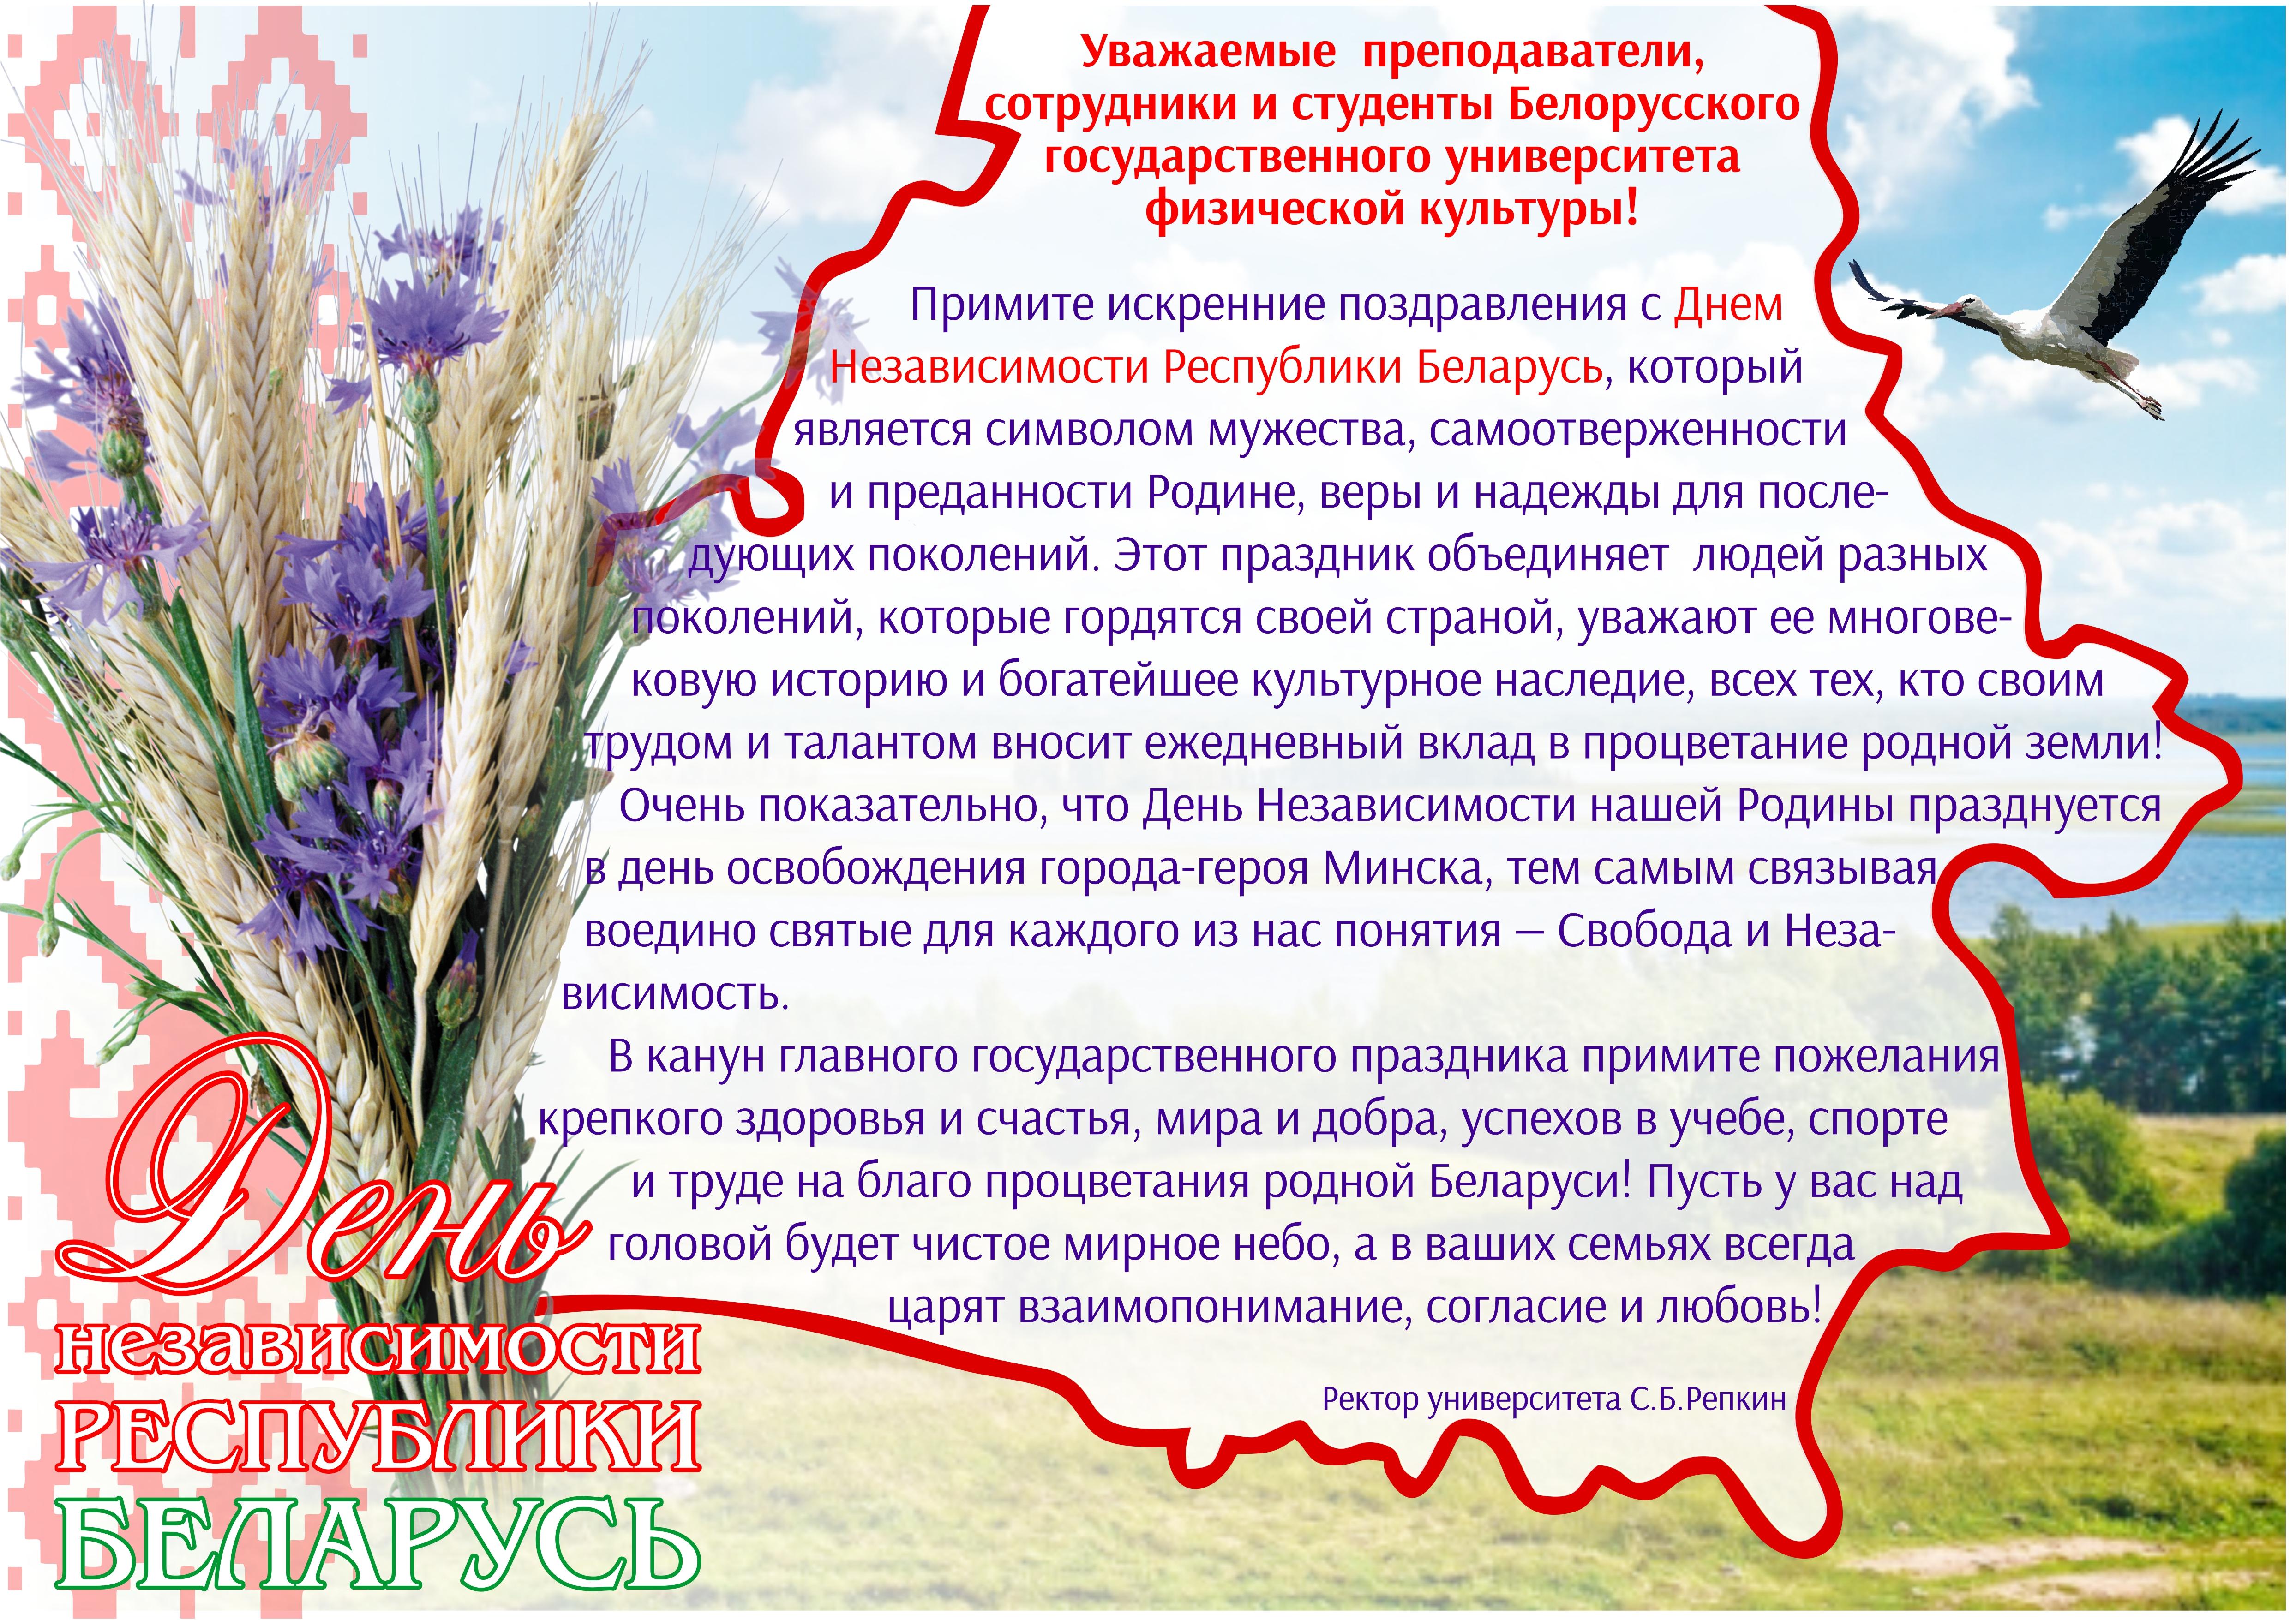 Поздравления ко дню независимости беларуси